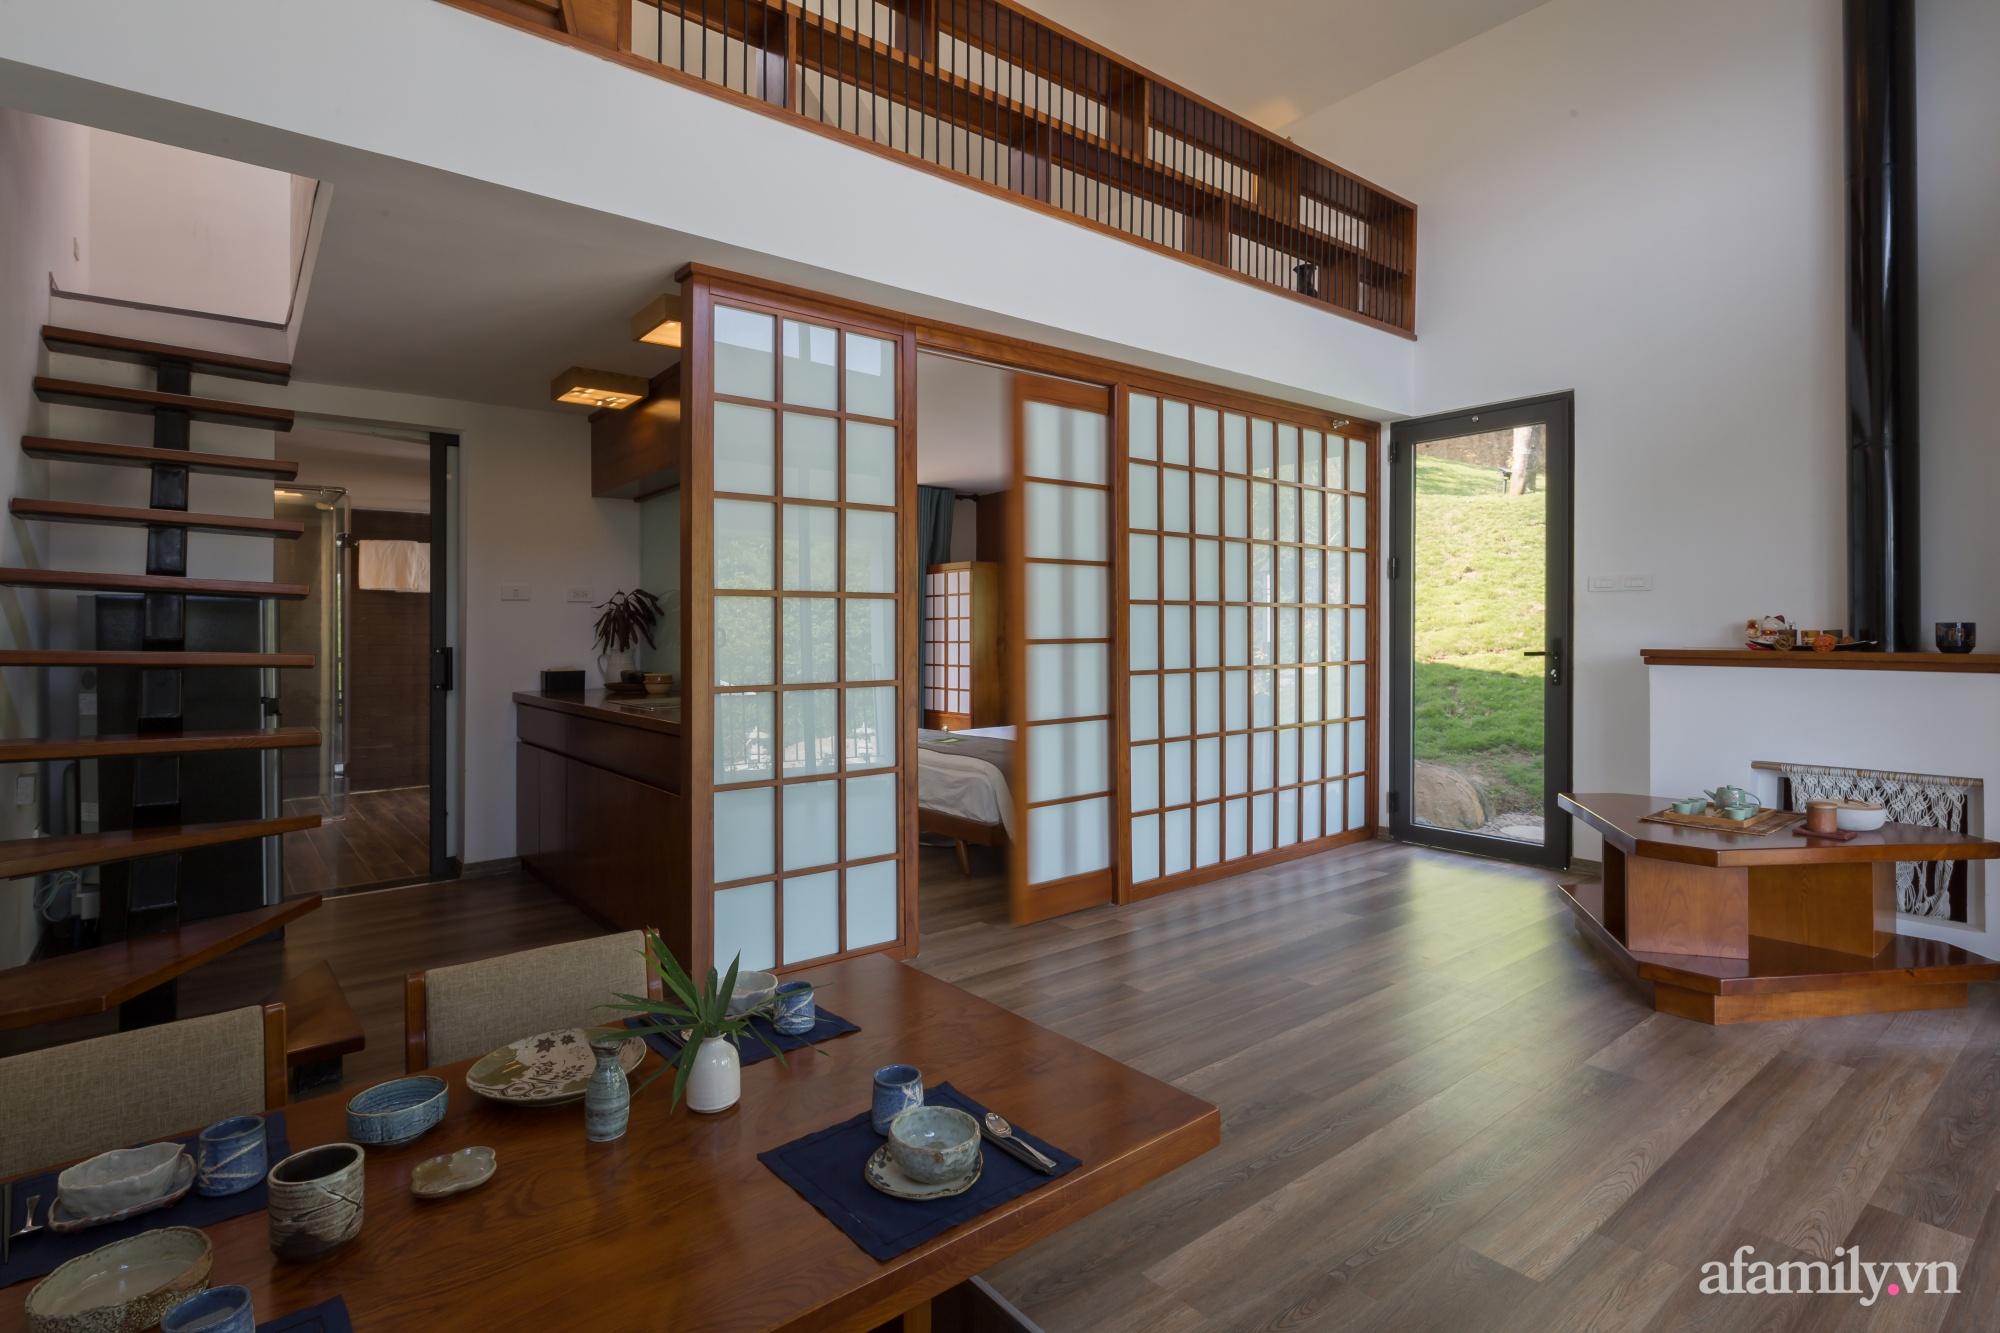 Nhà trên đồi lộng gió thoáng rộng thảnh thơi đón nắng ngập tràn ở Kỳ Sơn, Hòa Bình - Ảnh 10.